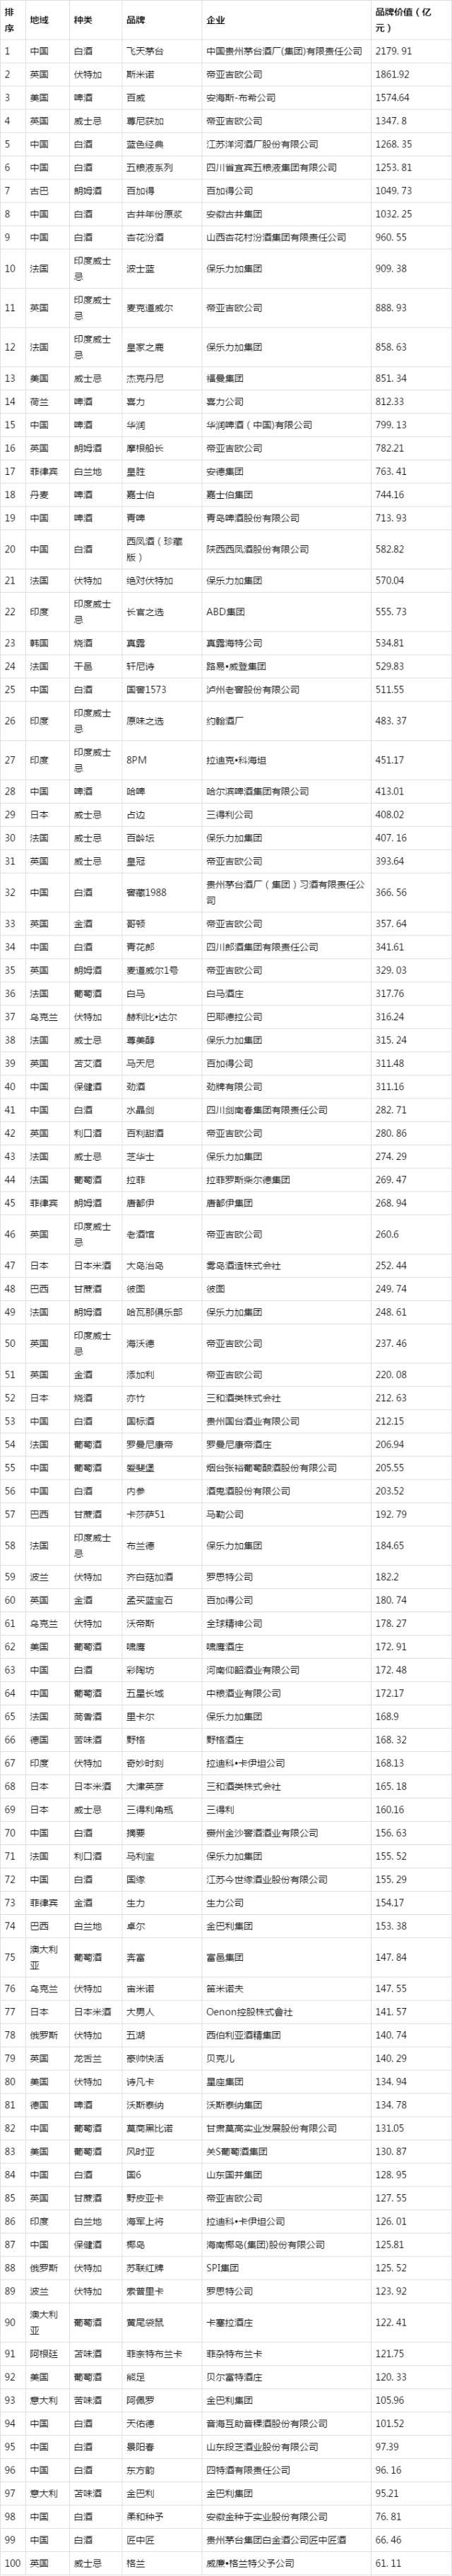 2019全球名酒百强榜名单 中国的飞天茅台以2179.91亿元的品牌价值荣登榜单首位